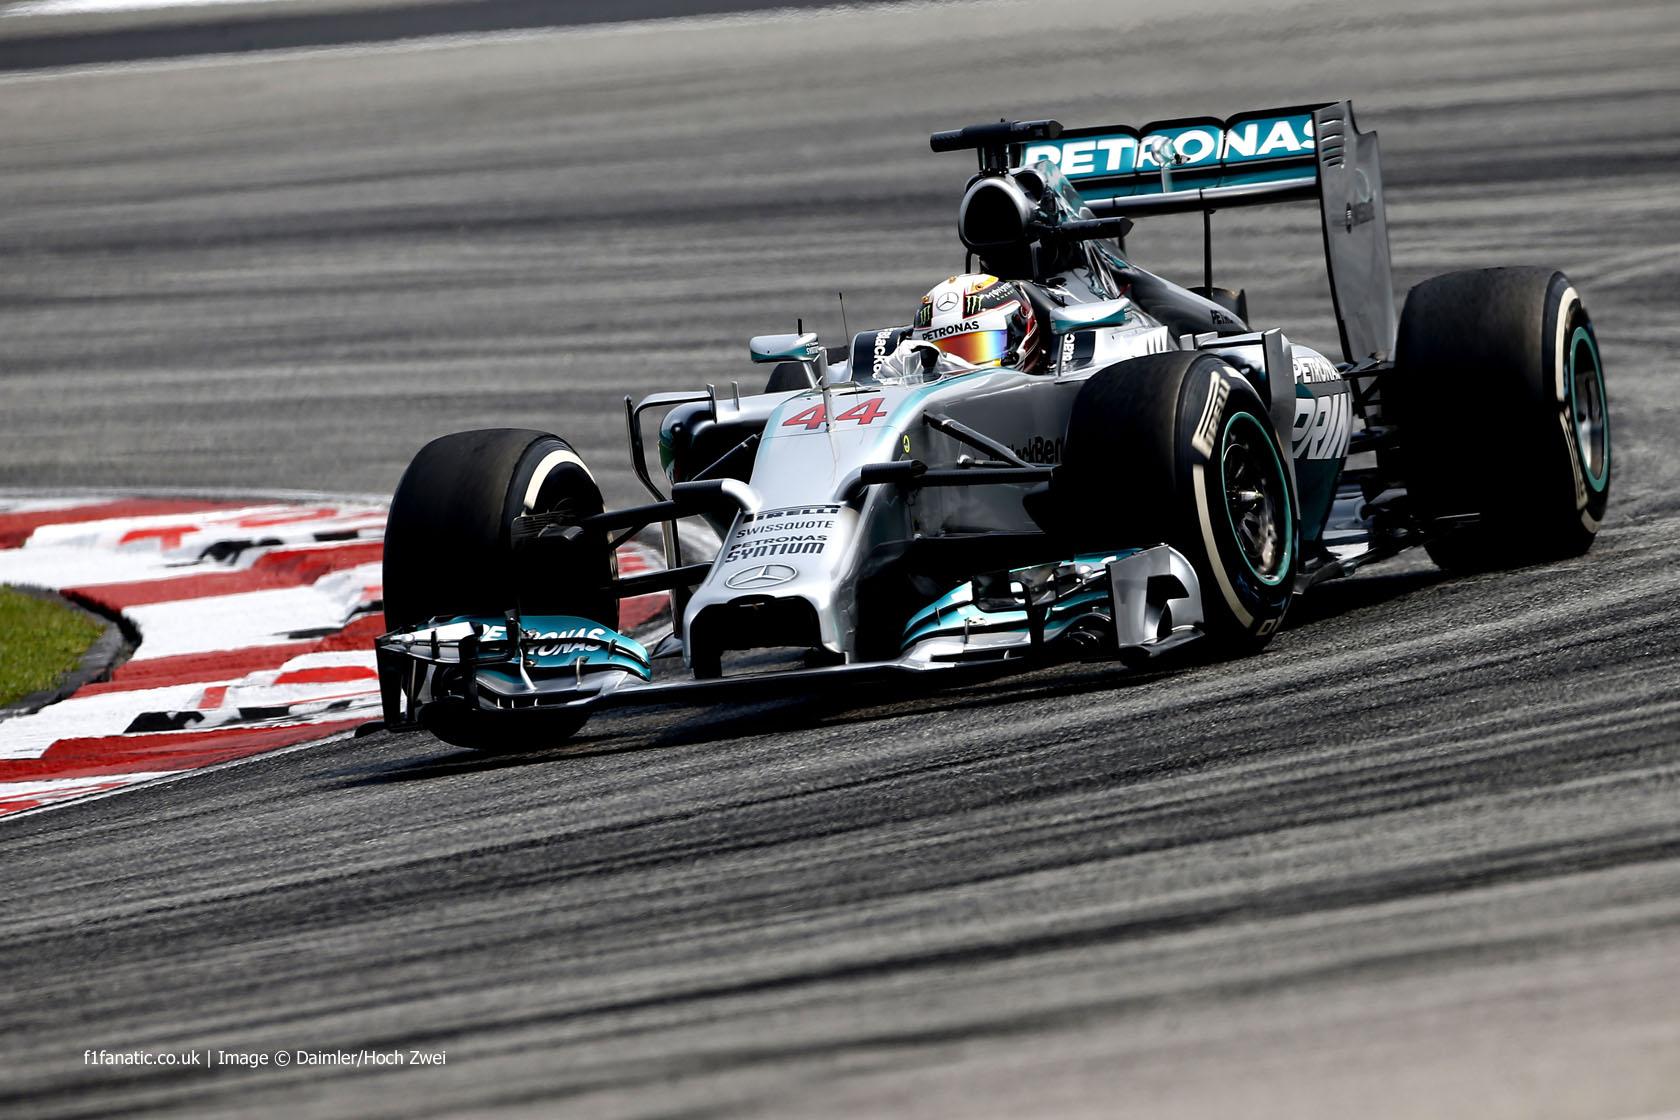 F1 2014 - скачать бесплатно торрент